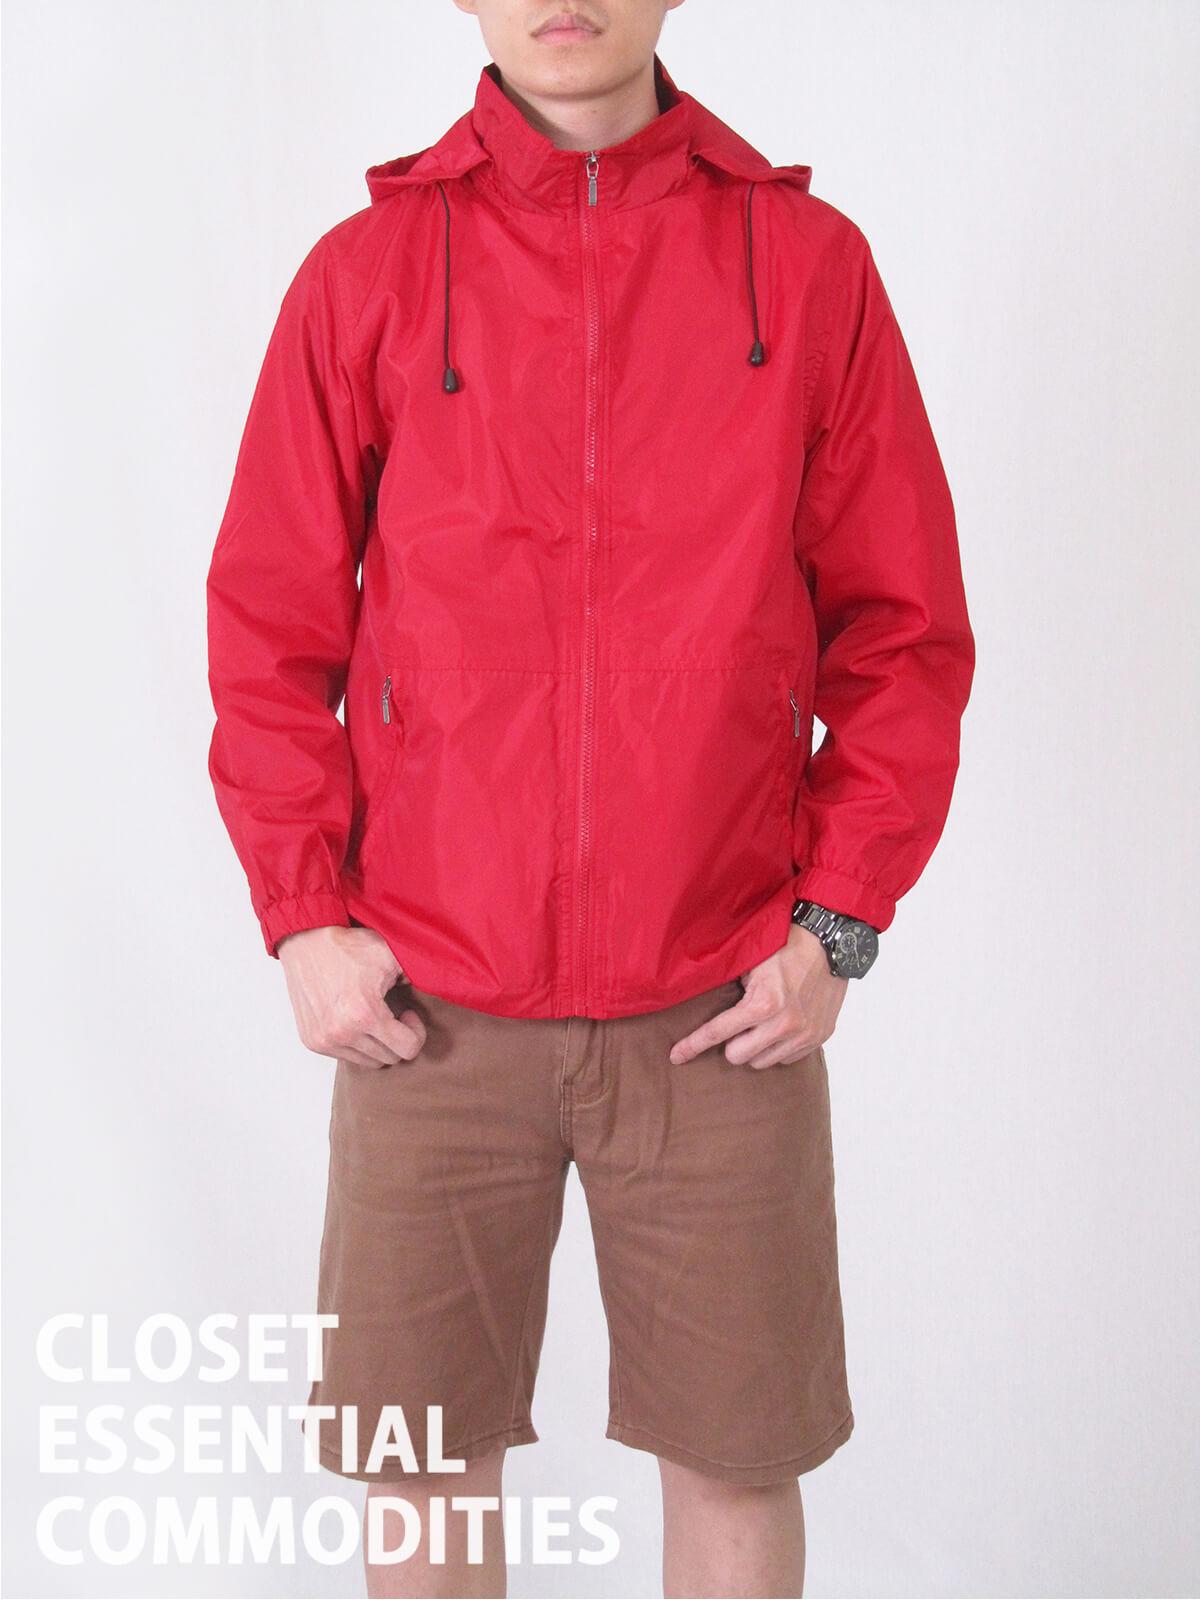 加大尺碼抗紫外線防曬薄外套 防風防潑水休閒外套 抗UV機能布料素面外套 遮陽外套 附帽可拆 風衣外套 輕量薄外套 ANTI-UV THIN COAT JACKET (321-8816-01)黑色、(321-8816-02)深藍色、(321-8816-03)紅色 M L XL 2L 3L 4L 5L(胸圍:45~57英吋) [實體店面保障] sun-e 4